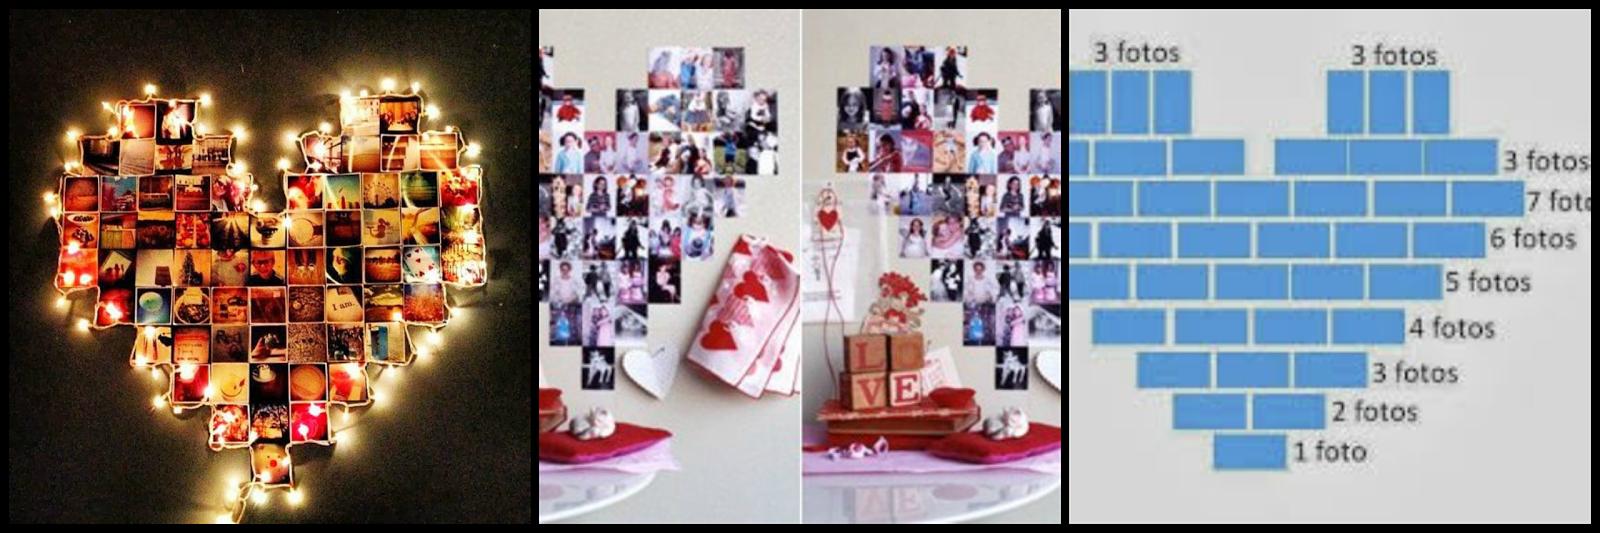 Bora ser linda dicas de presentes criativos e baratinhos for Mural de fotos 1 ano